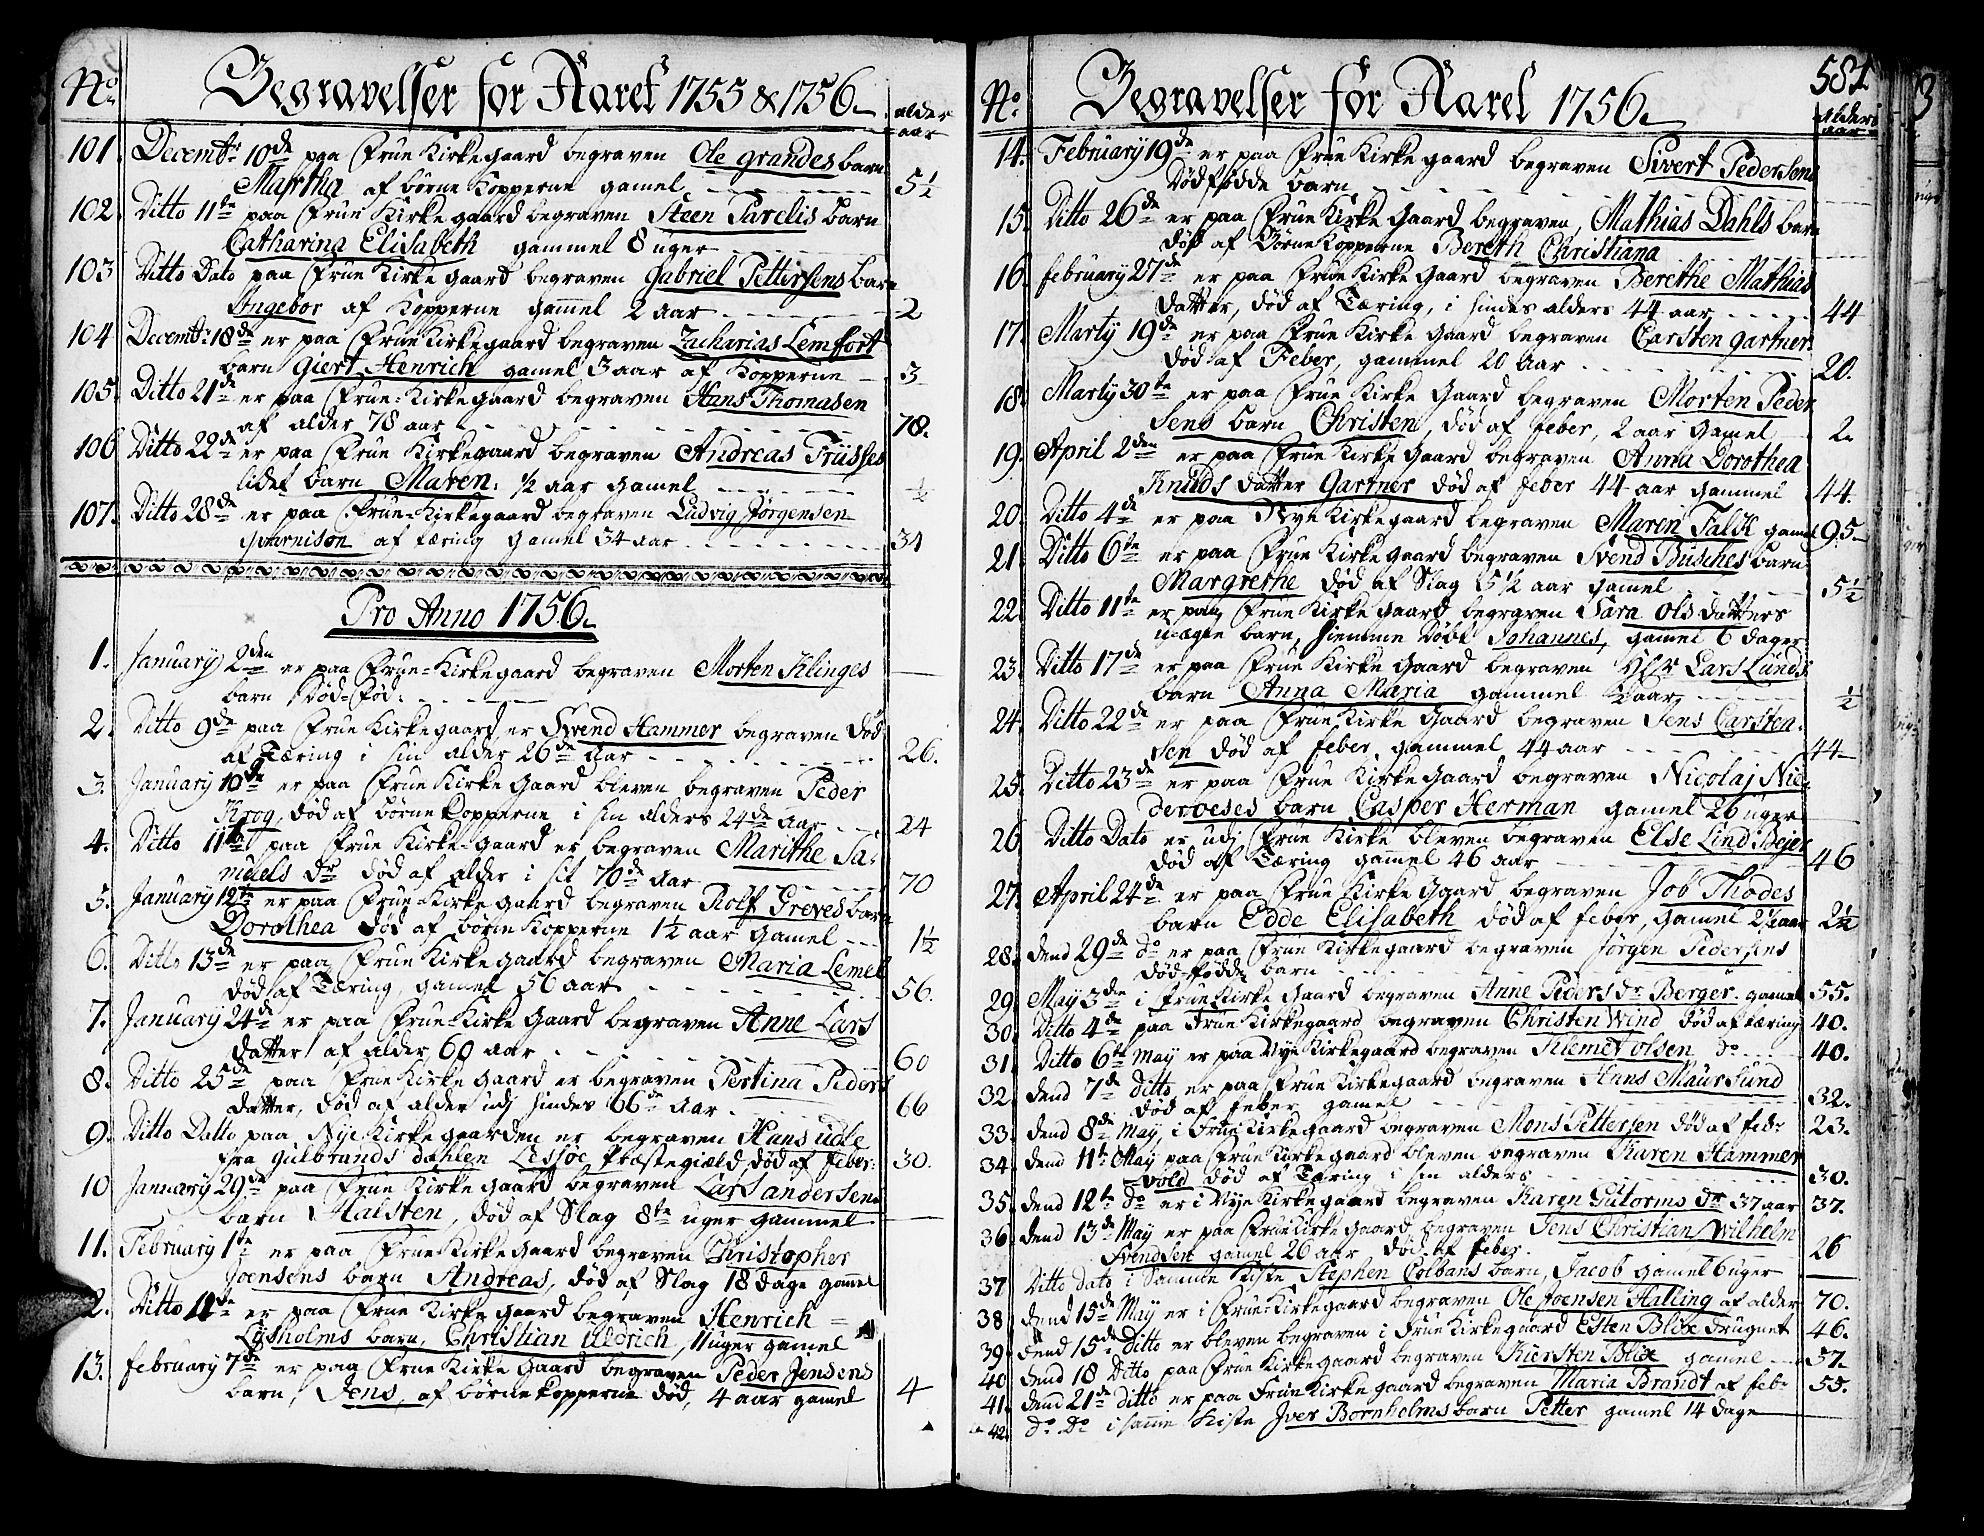 SAT, Ministerialprotokoller, klokkerbøker og fødselsregistre - Sør-Trøndelag, 602/L0103: Ministerialbok nr. 602A01, 1732-1774, s. 581